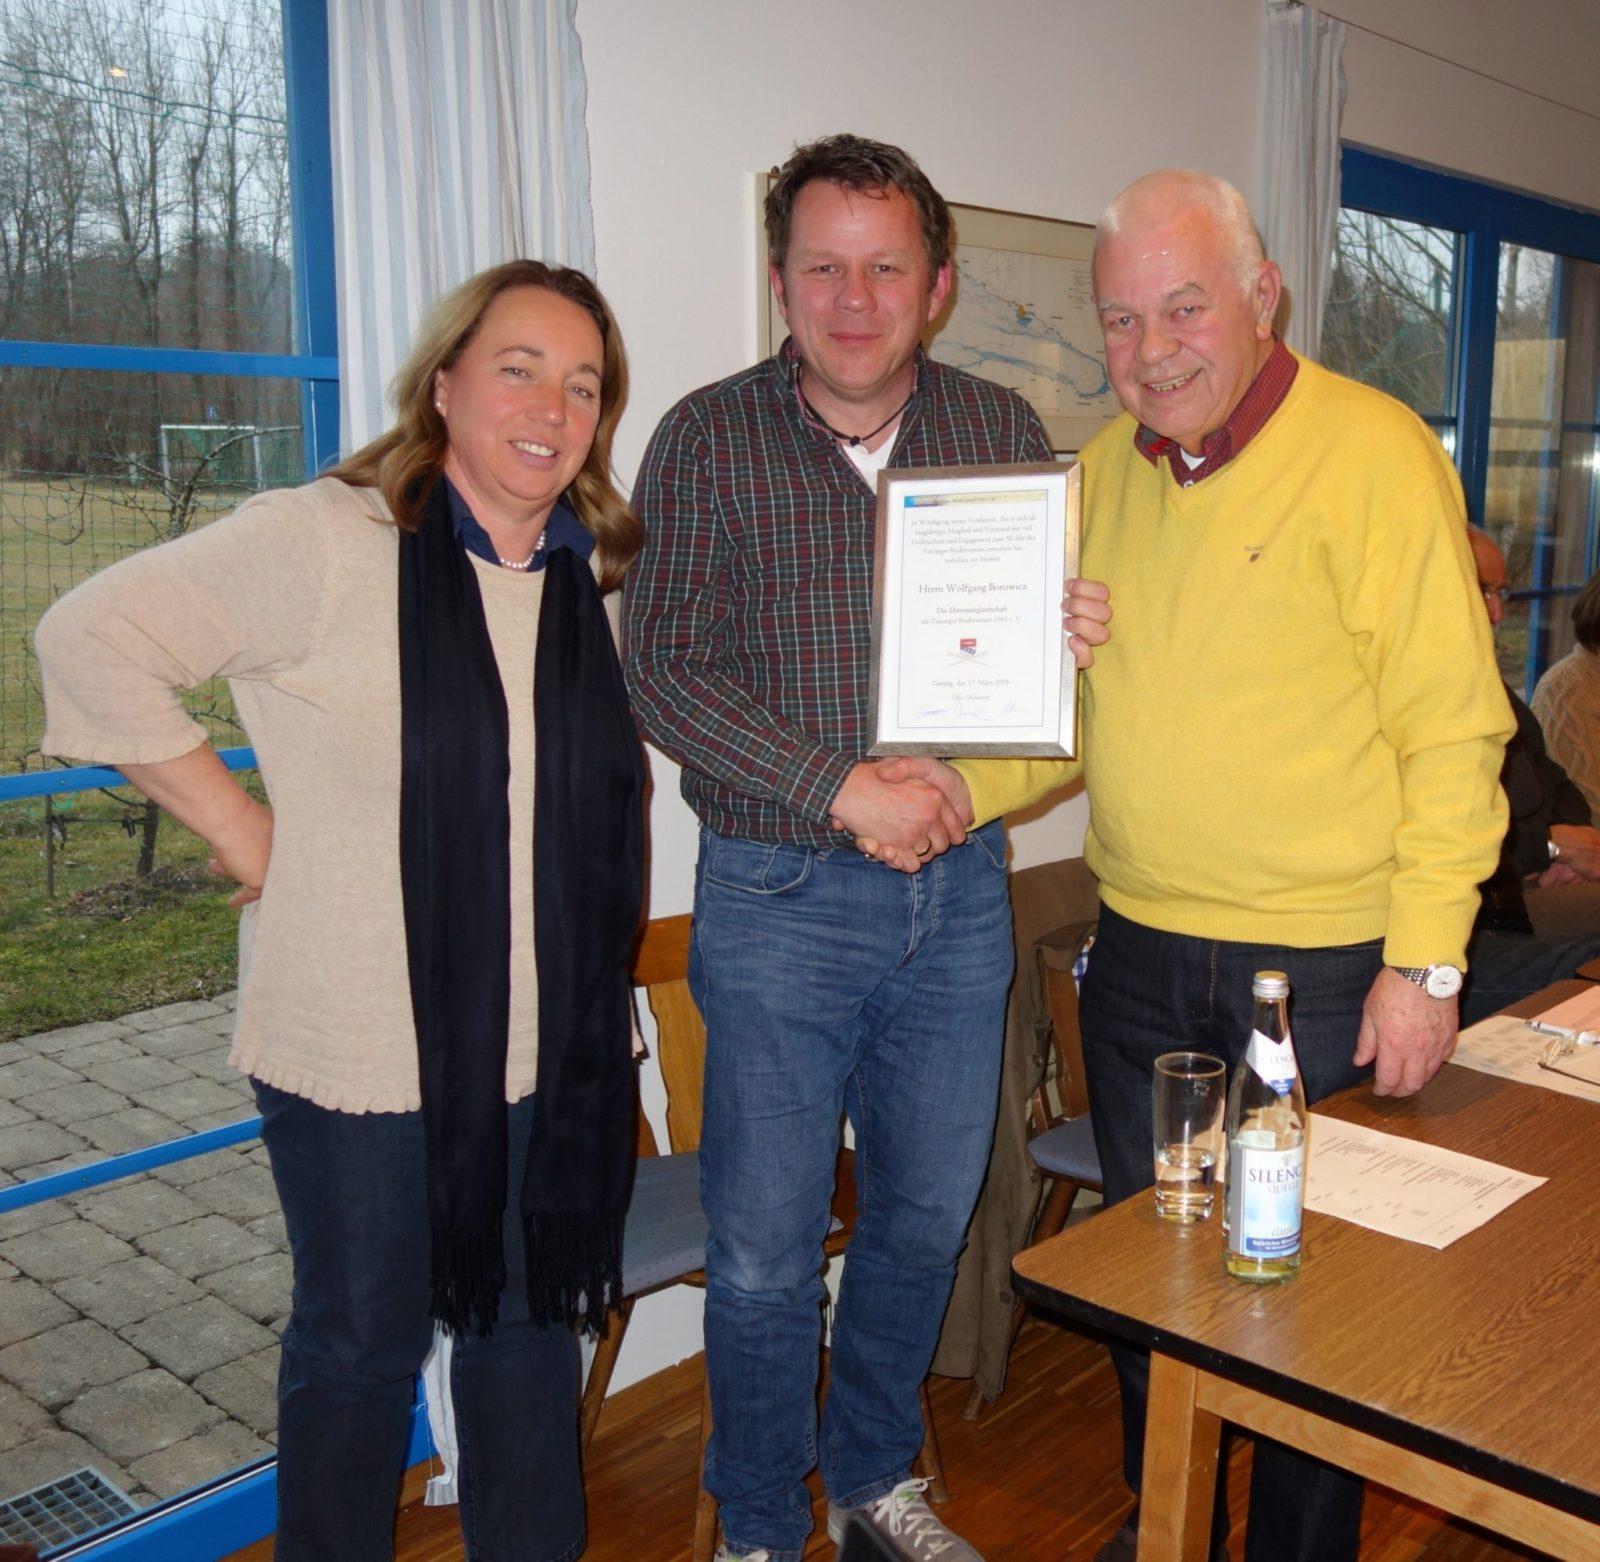 Bürgermeisterin Greinwald im Tutzinger Ruderverein bei der Auszeichnung des Ehrenmitglieds Wolfgang Borowicz